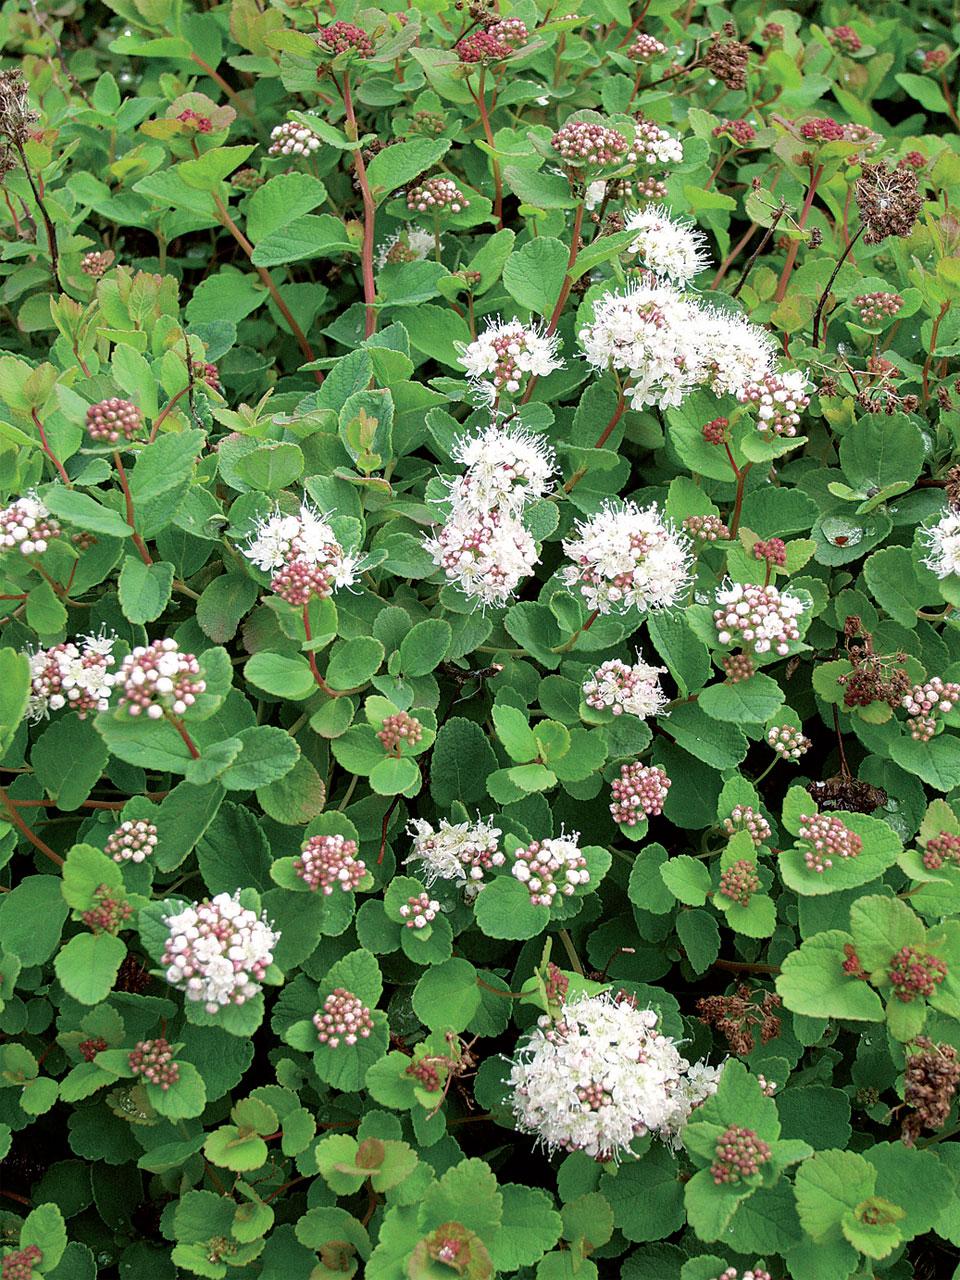 Verhoangervo (Spiraea beauverdiana 'Lumikki') viihtyy hyvinkin kuivassa paikassa. Tämä terve ja matalahko FinE-lajike soveltuu luiskiin ja kivikkoryhmiin maanpeittäjäksi.